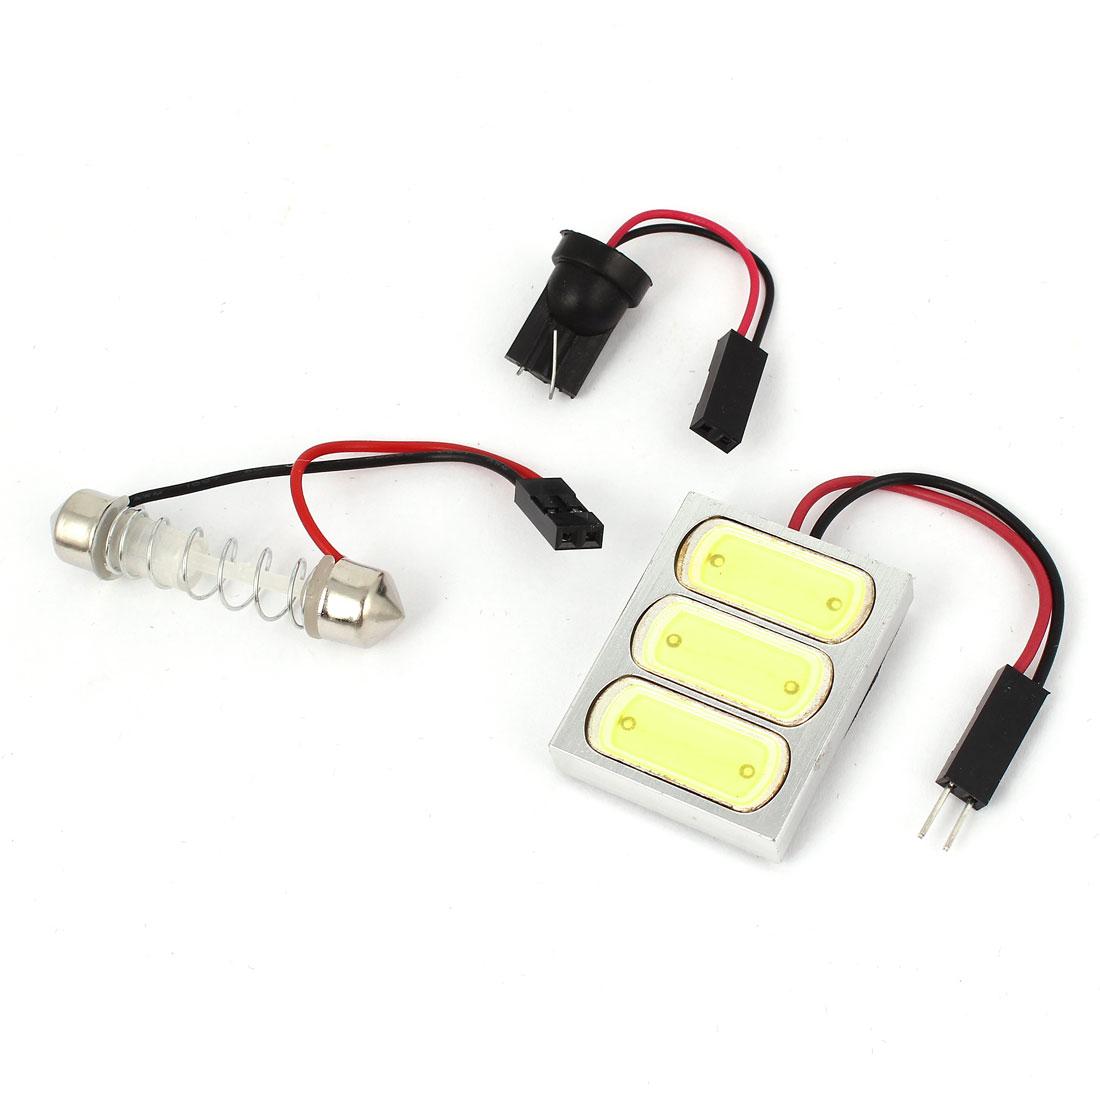 4.5W Car White LED Light Bulb Lamp w T10 Spring Festoon Adapter Internal